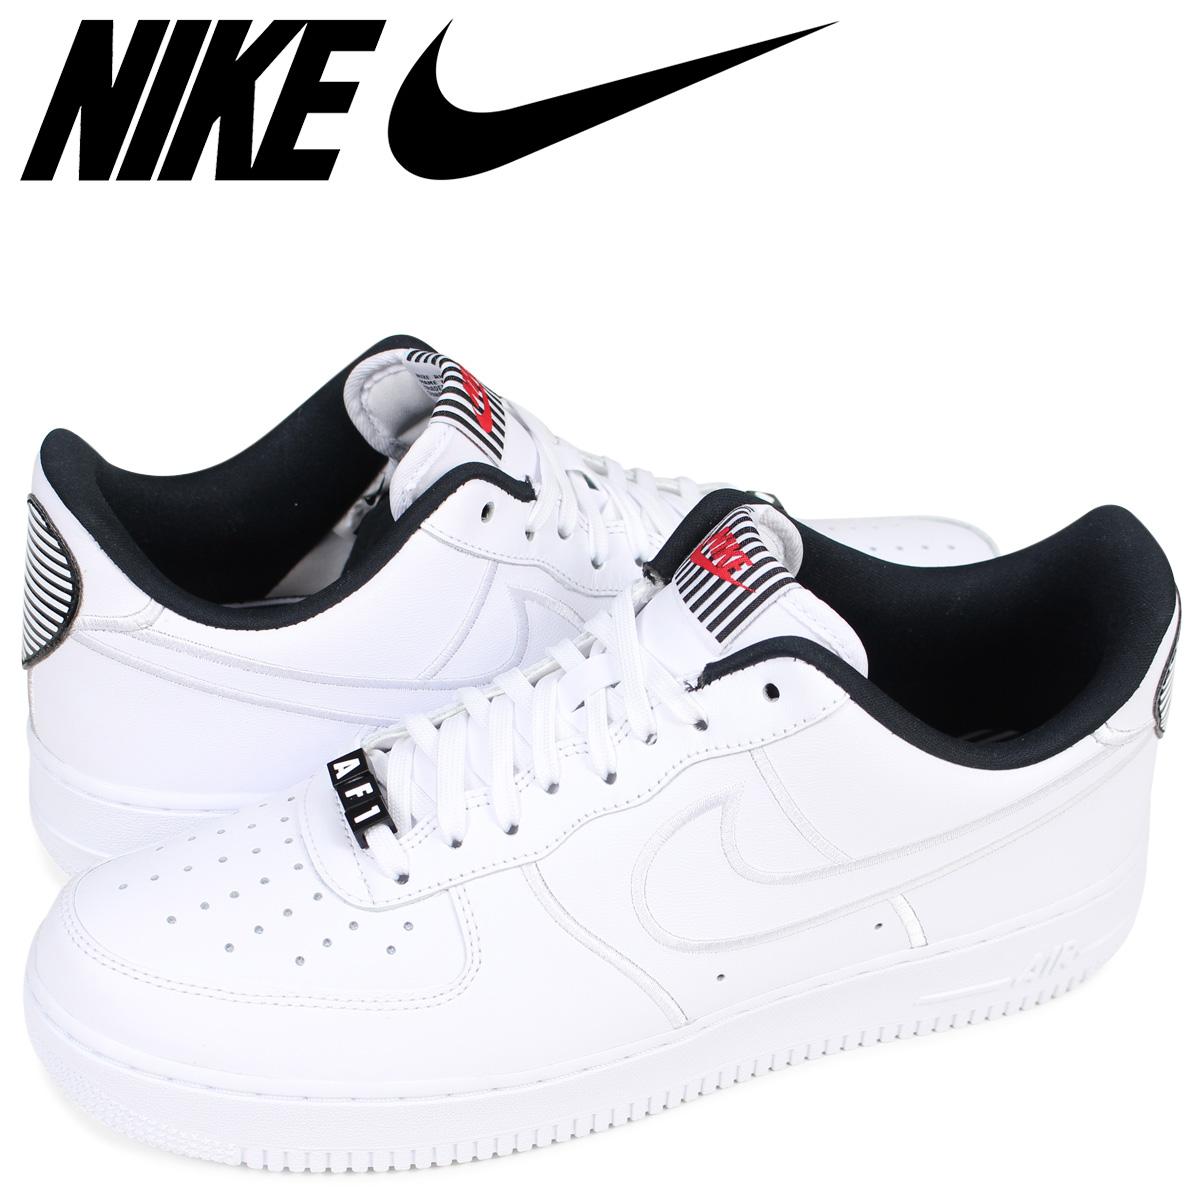 Nike WMNS Air Force 1 '07 LX (white) | 43einhalb Sneaker Store